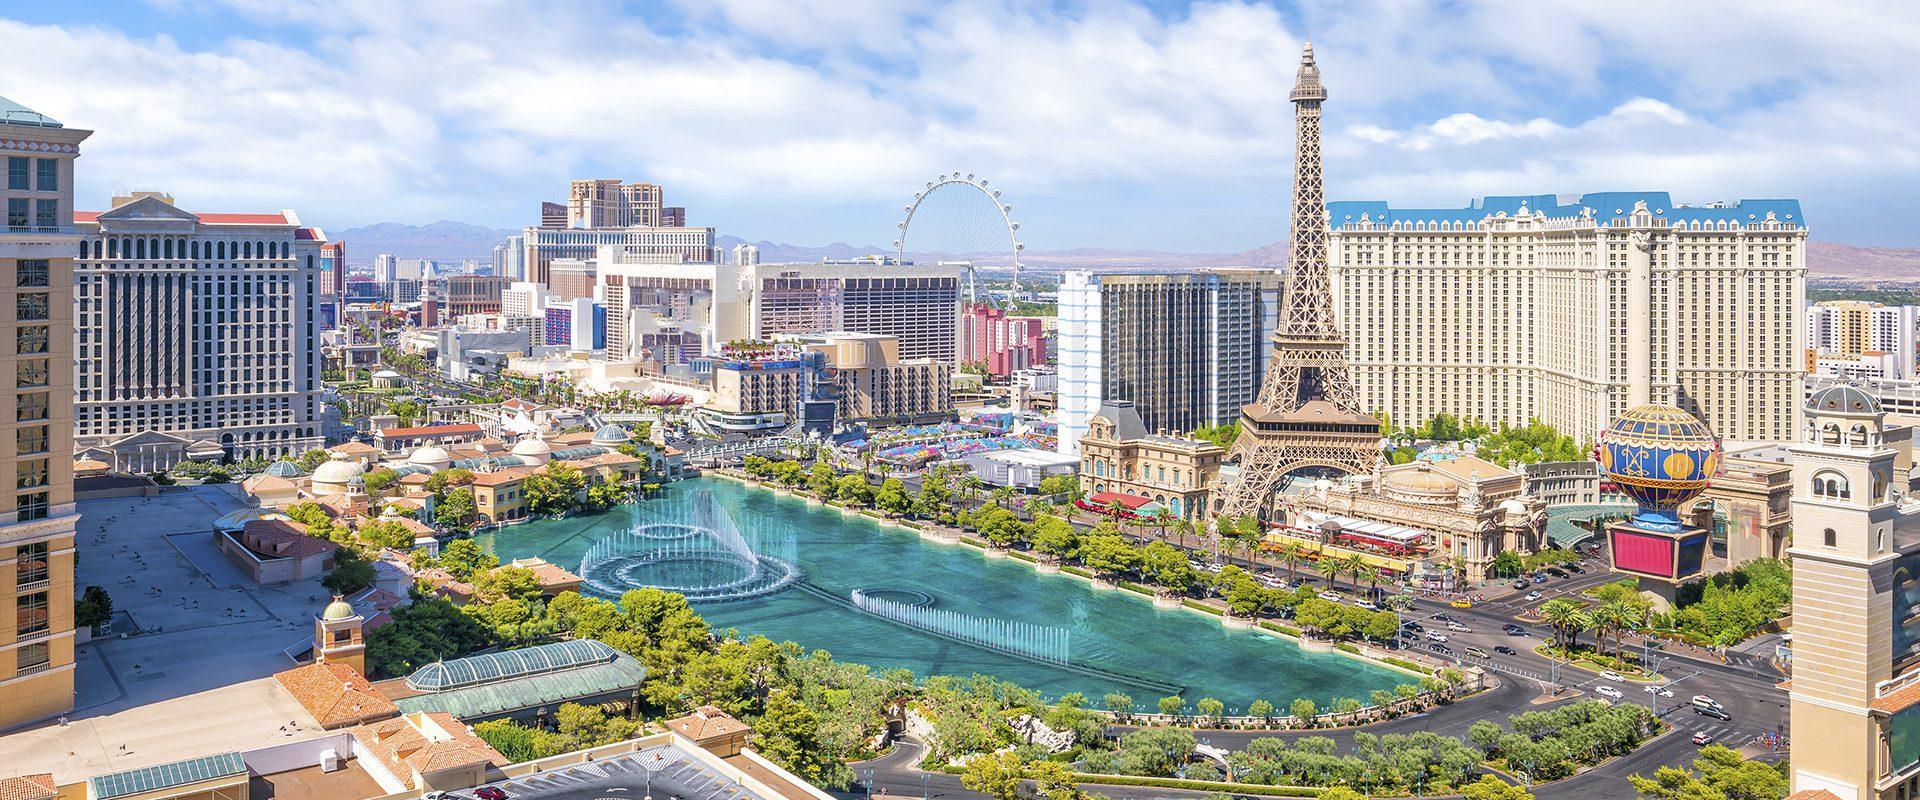 Los 19 destinos de B the travel brand para viajar en 2019